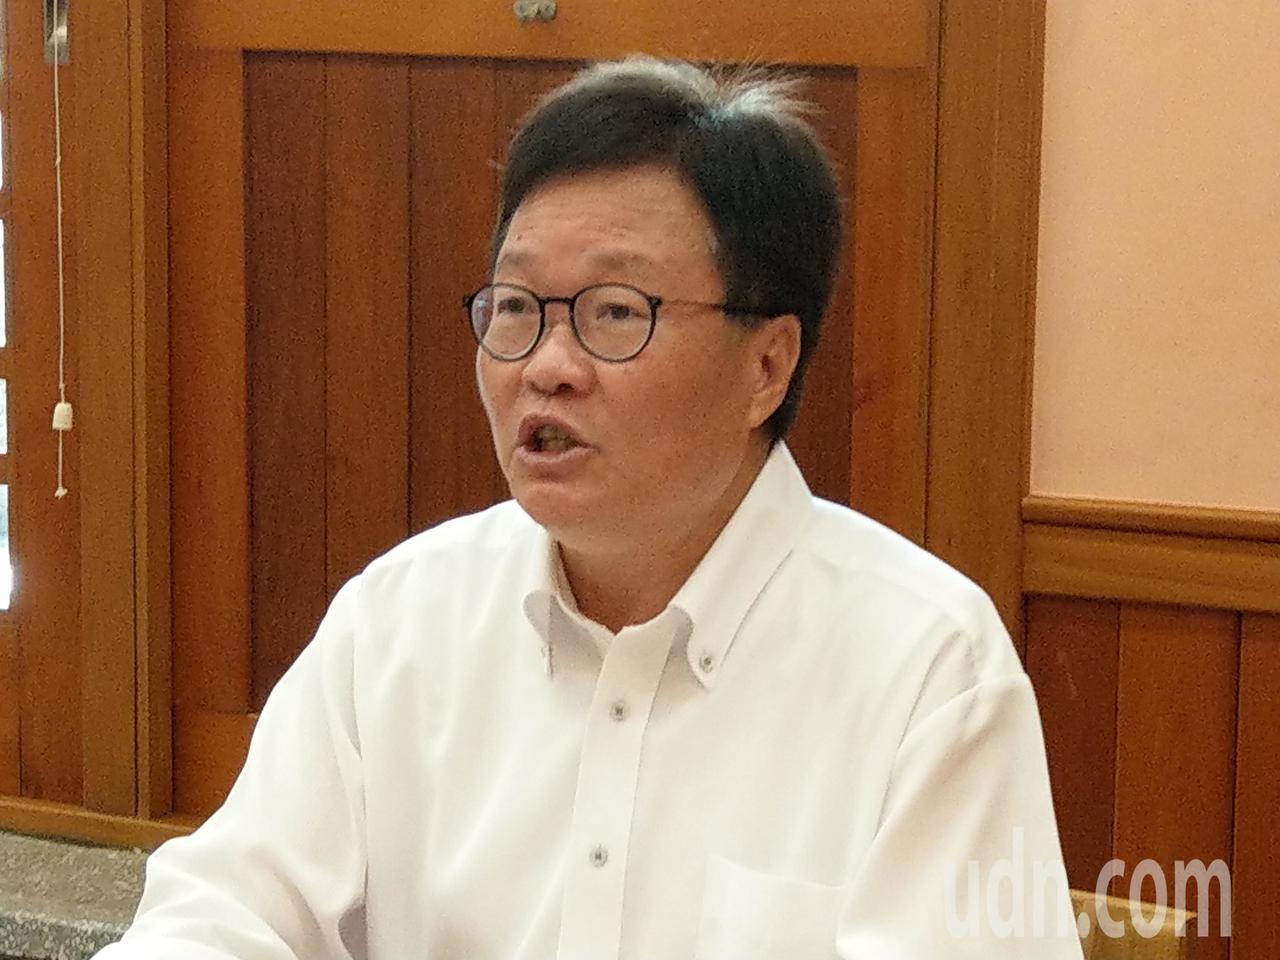 宜蘭縣代理縣長陳金德說,中國青年救國團拿「陳金德」三個字核發的獎狀,他深以為恥。...